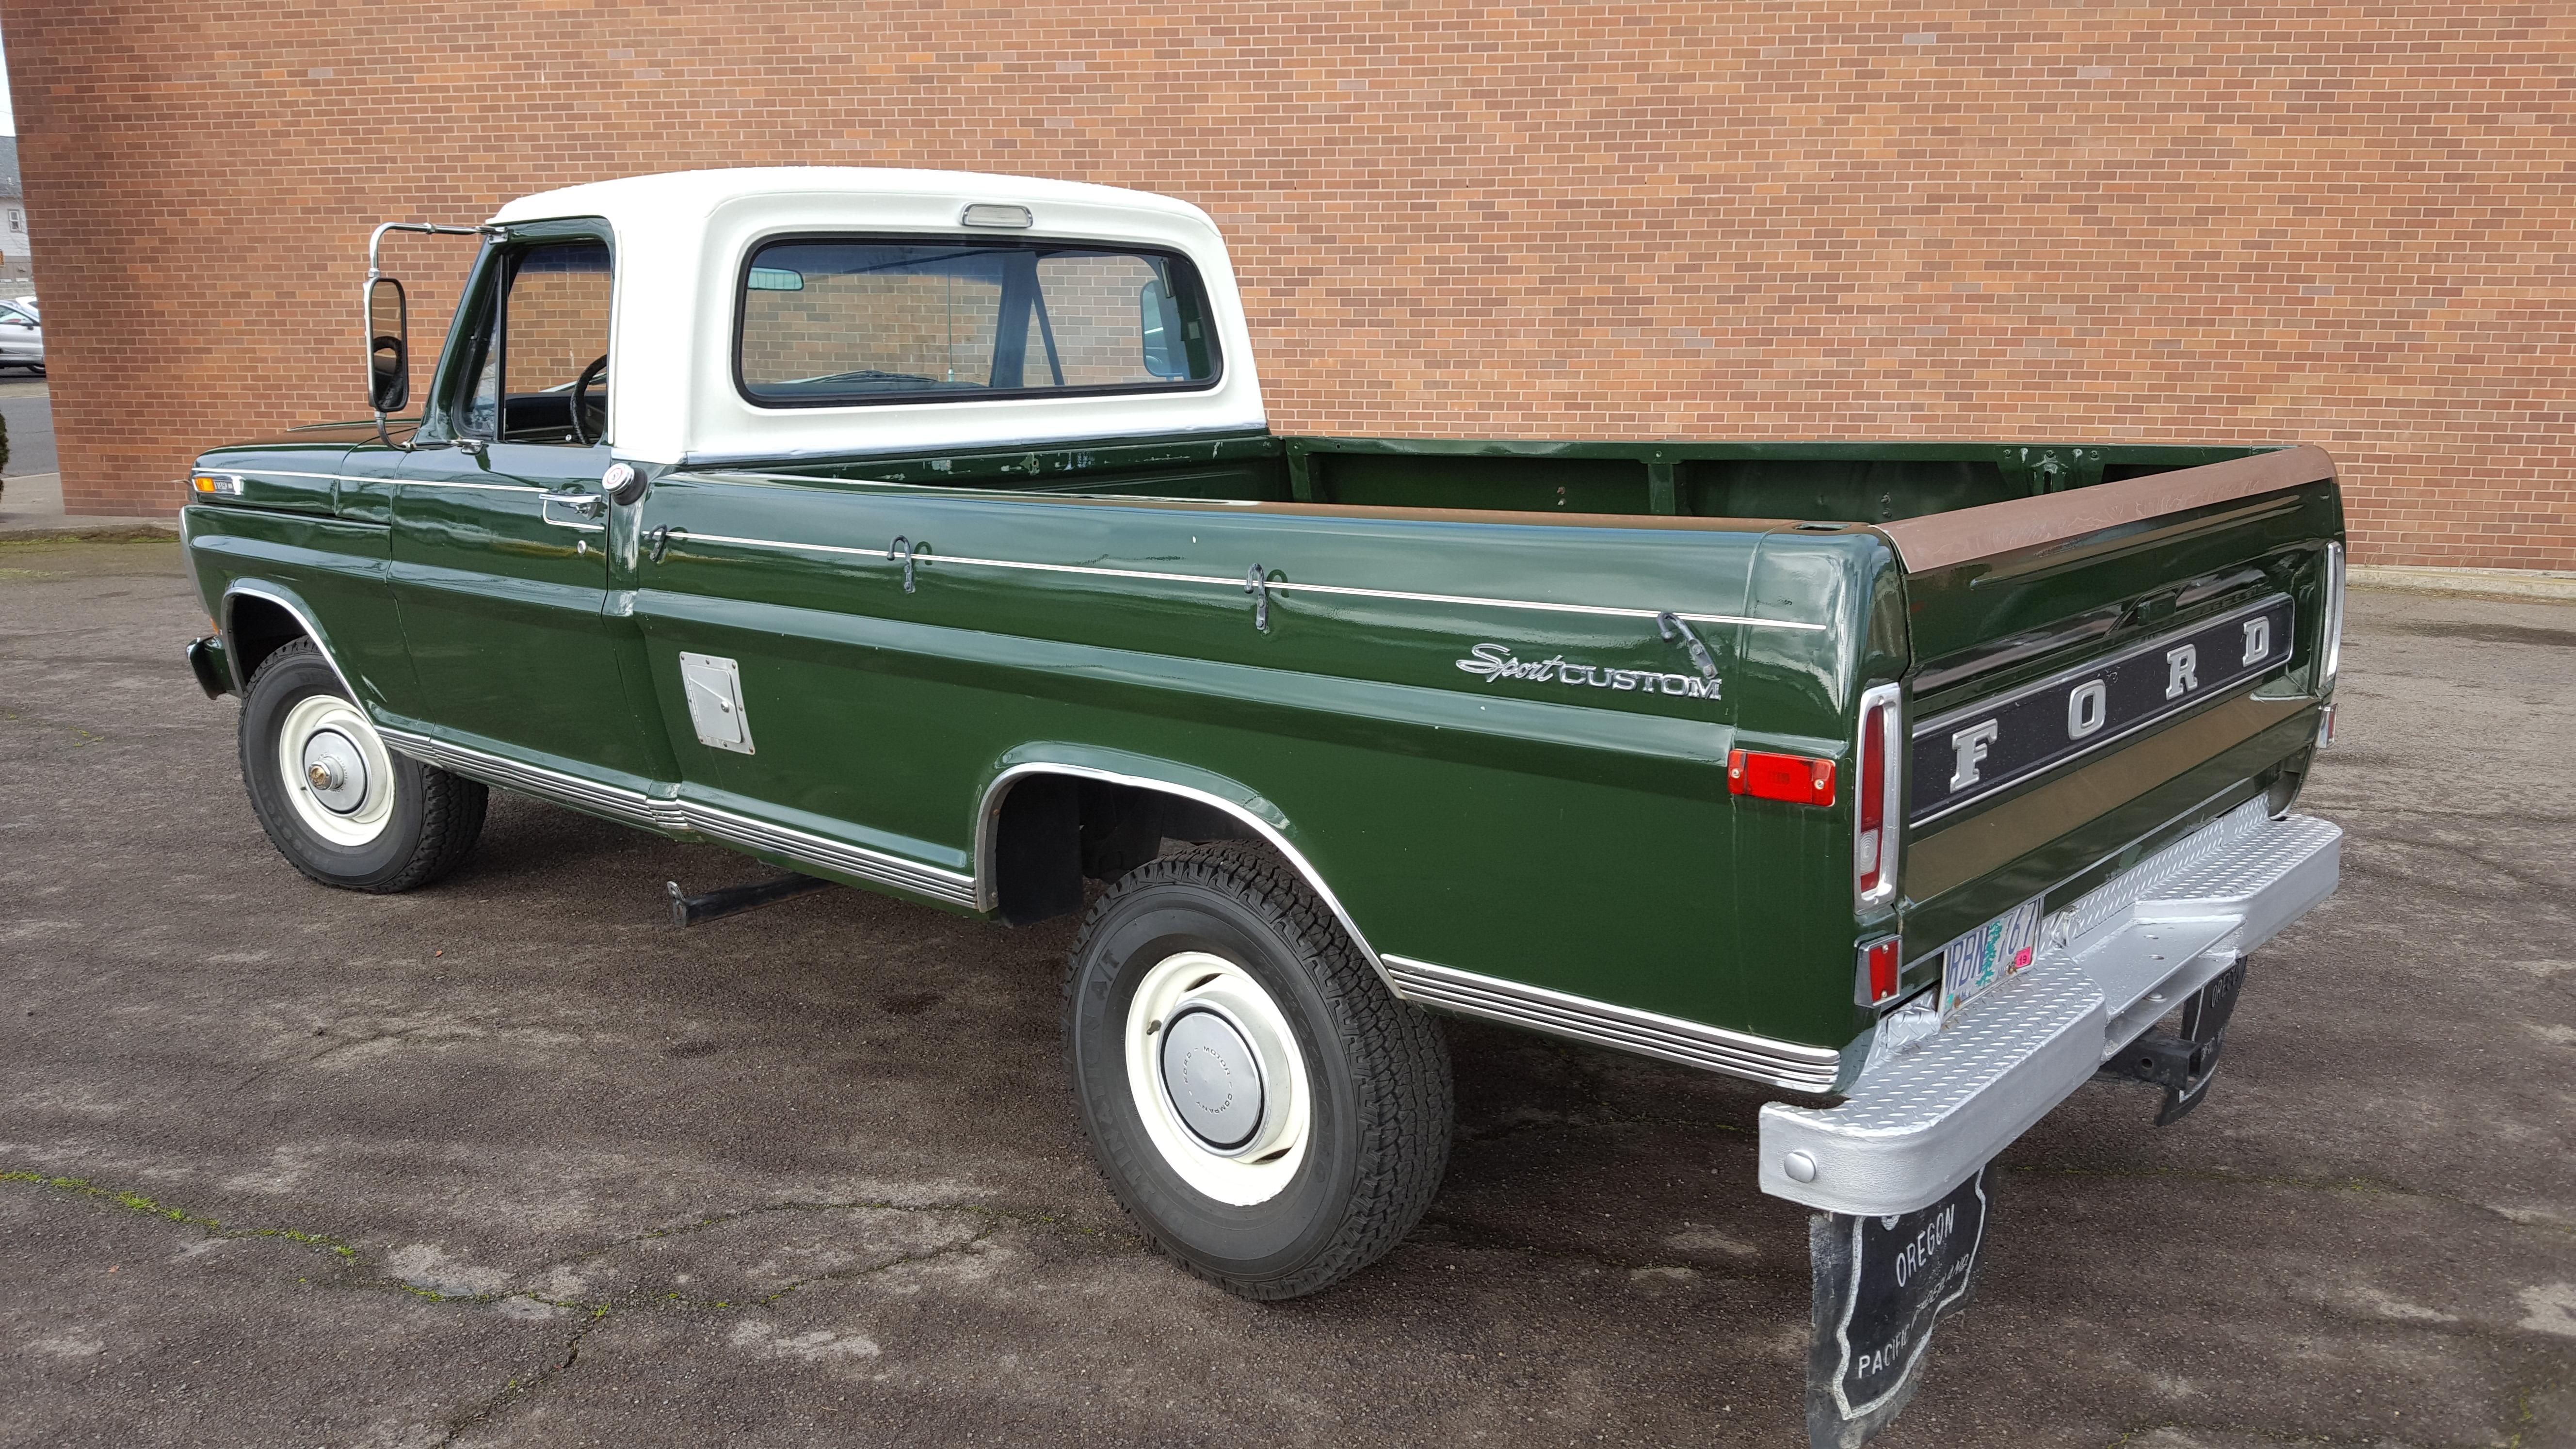 1971 Ford PU  4 x 4  1/2 Ton